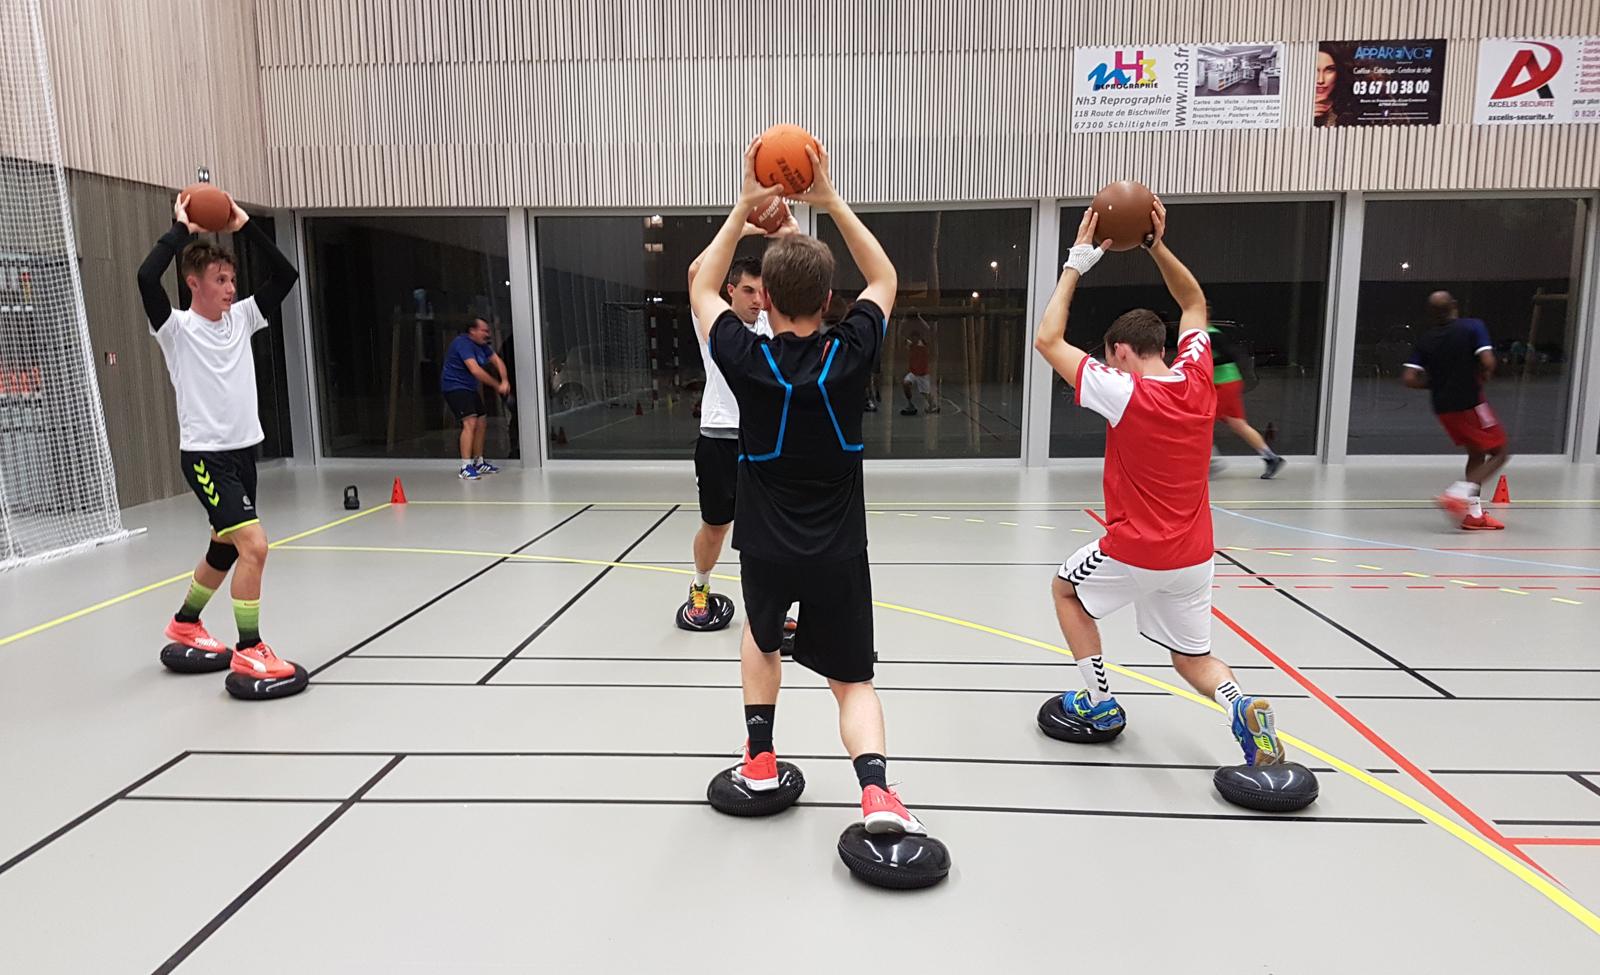 Sport collectifs, préparation physique et encadrement d'équipes